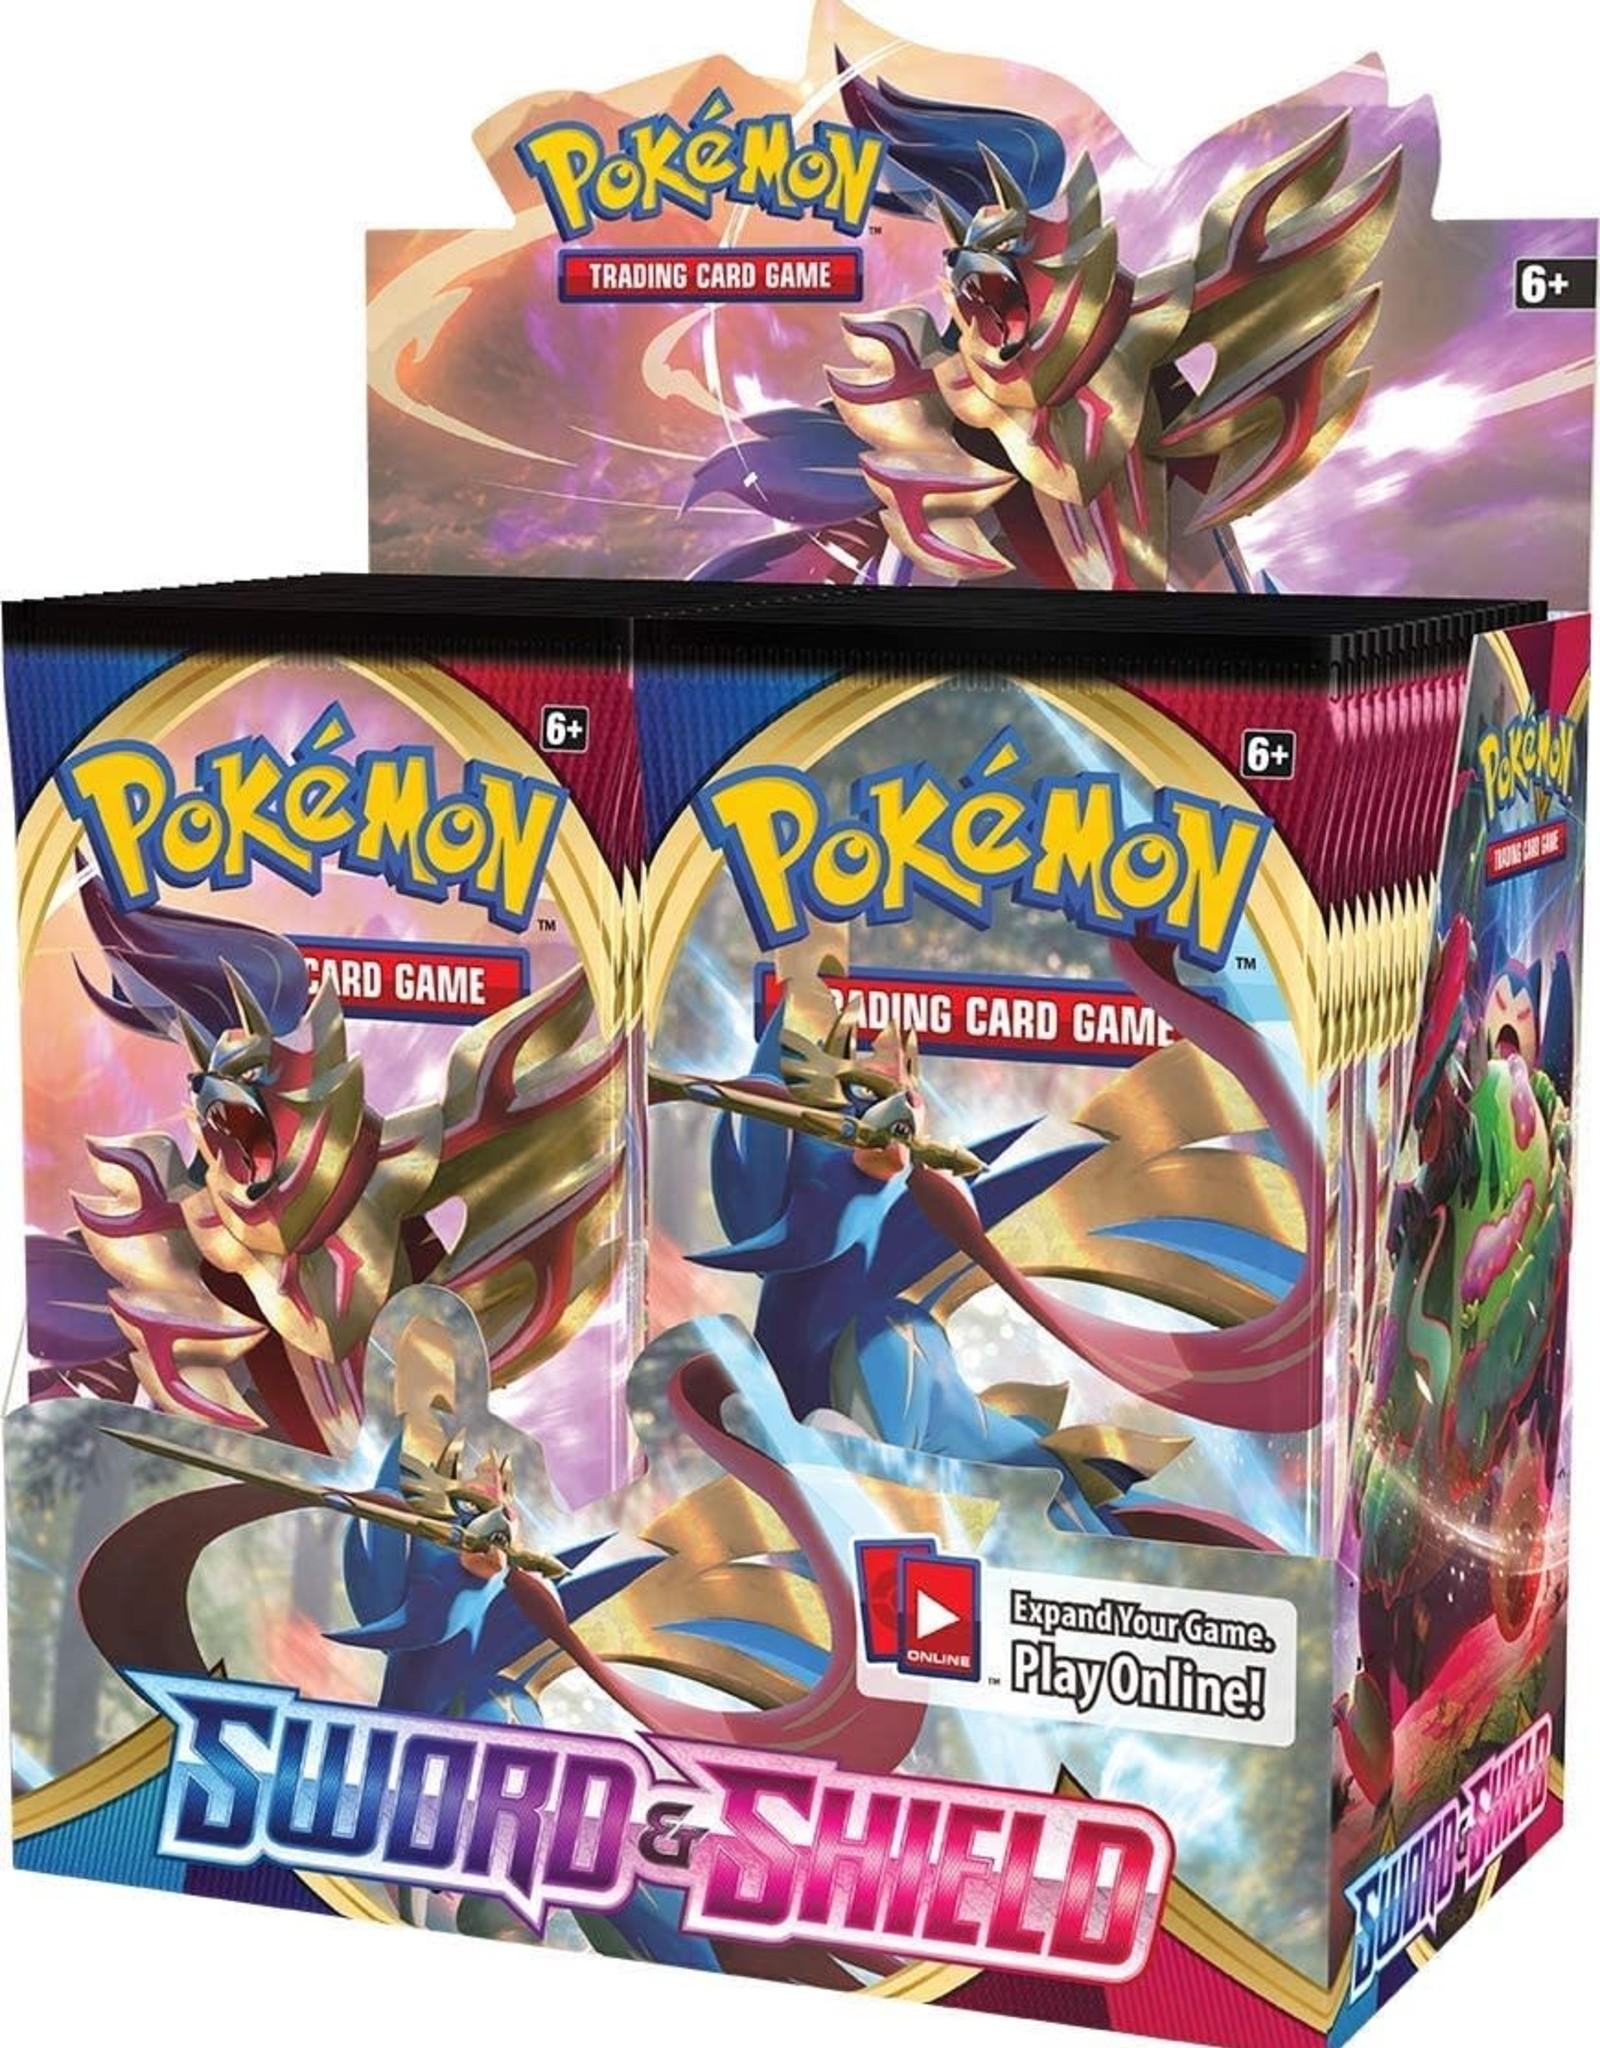 Pokemon Pokemon - Sword & Shield